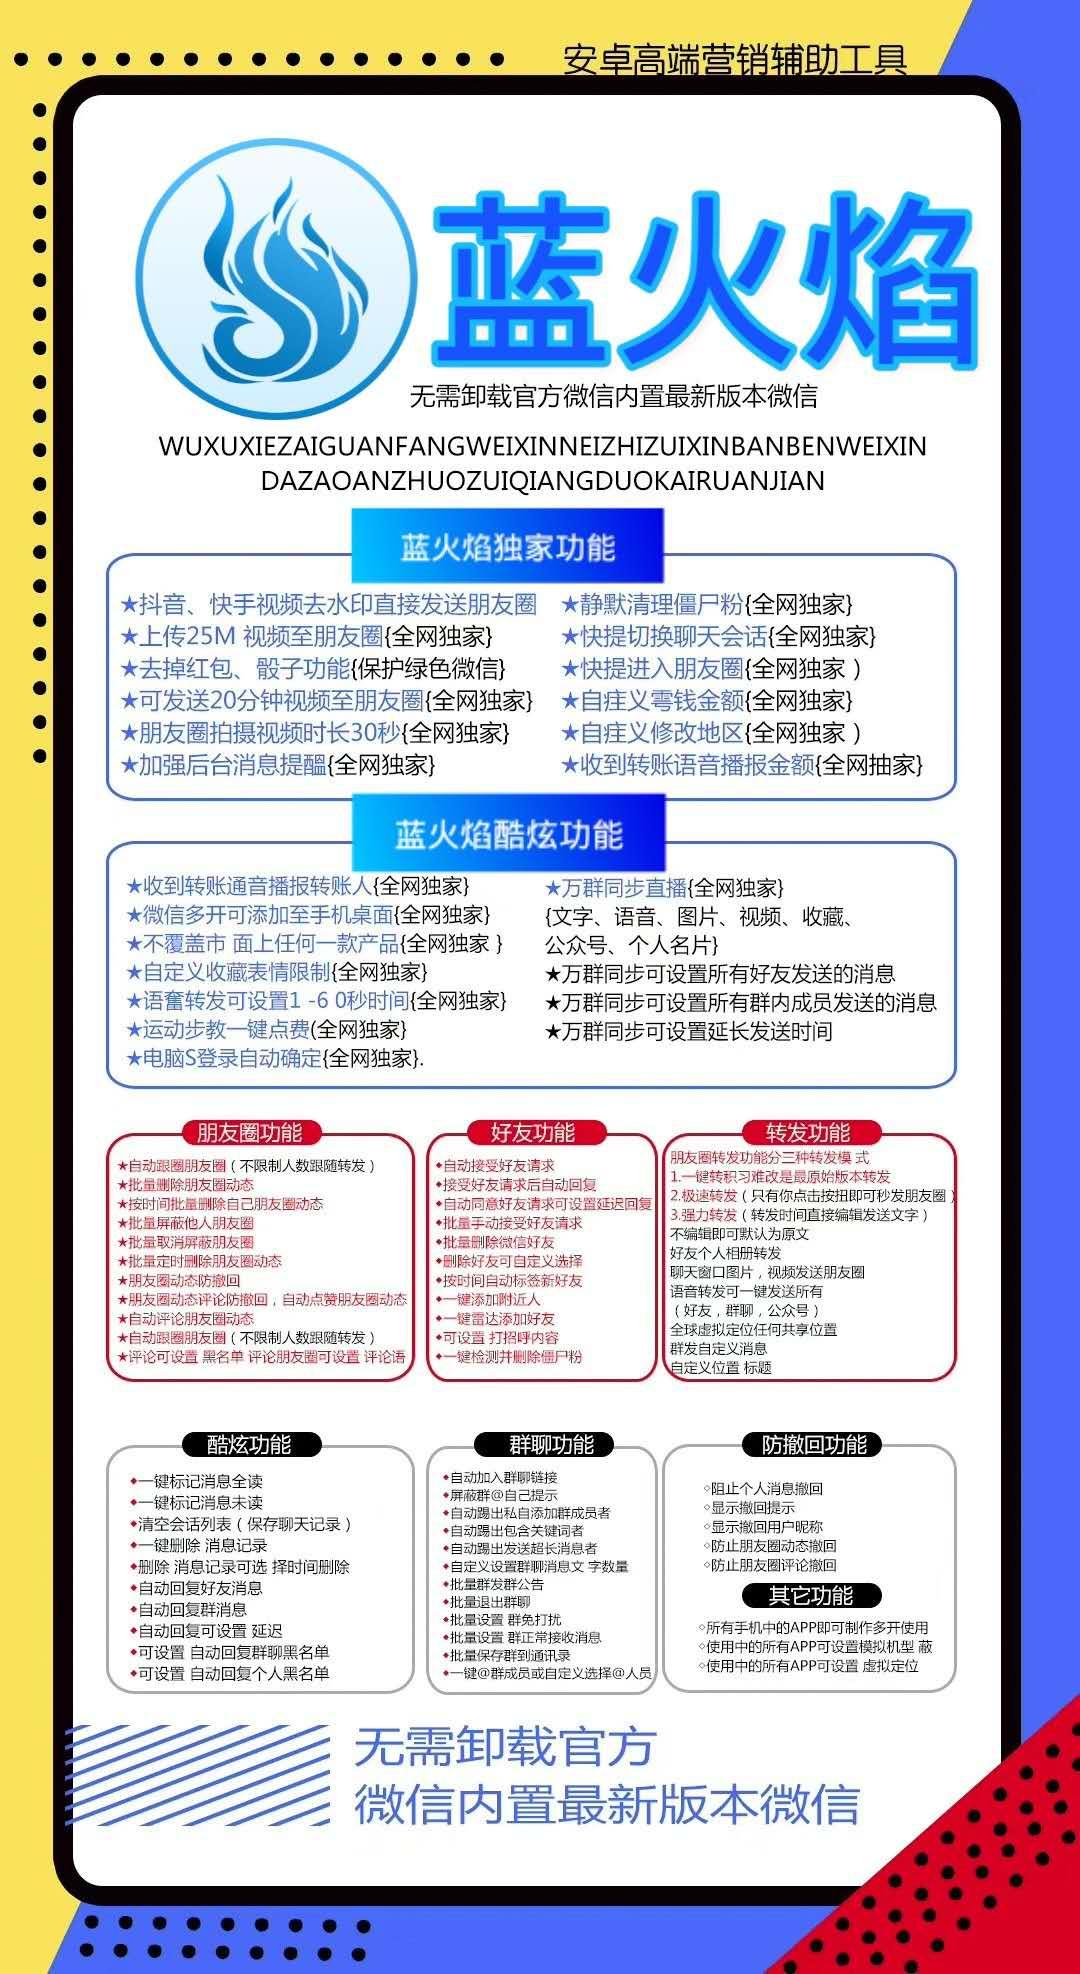 【安卓蓝火焰官网】安卓多开分身支持710新版微信正版激活码授权自定义骰子/划拳